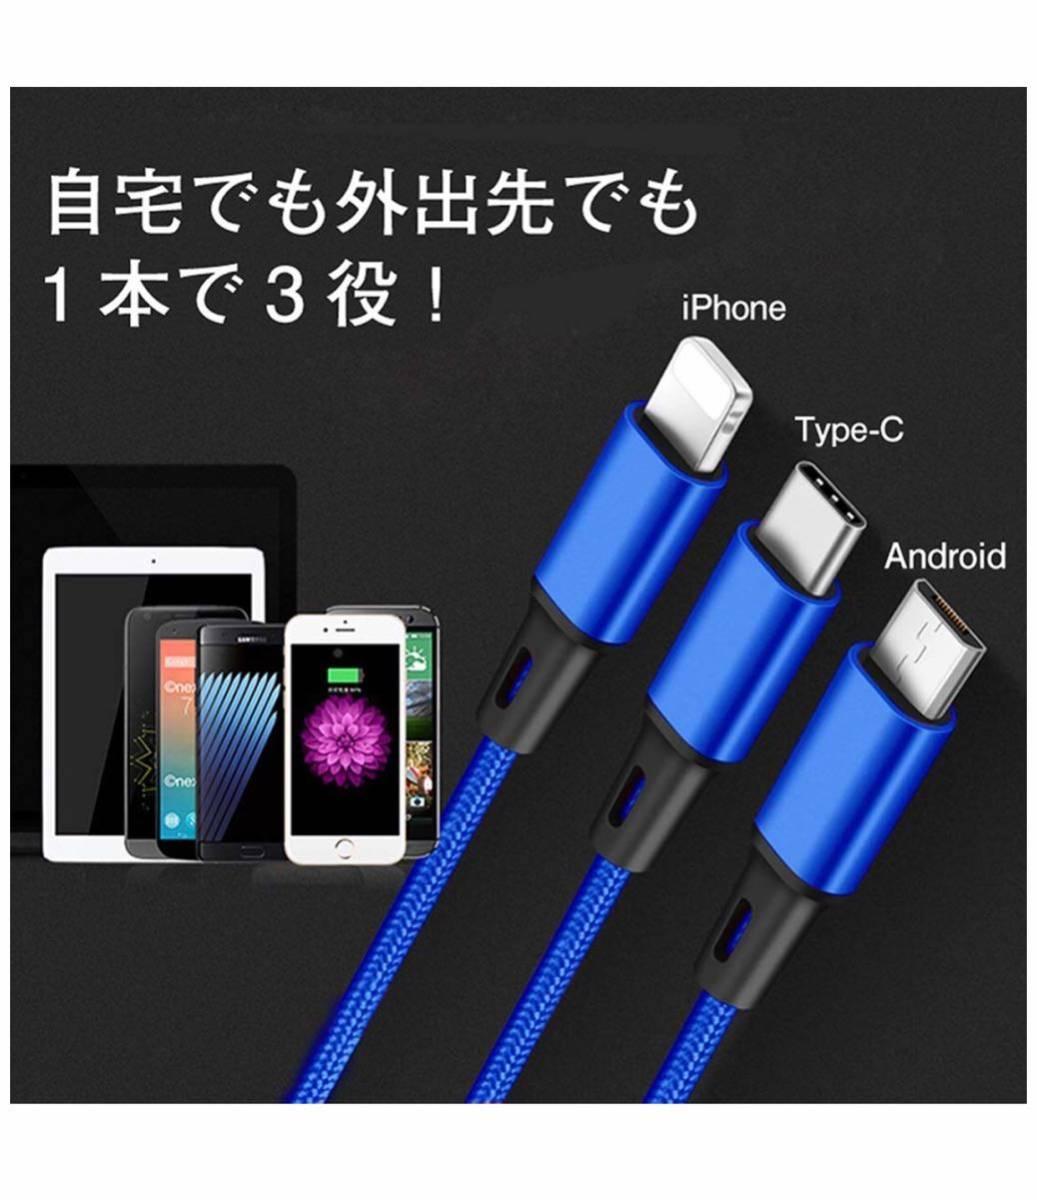 3in1 充電ケーブル 2本組 type-c 充電ケーブル USB Type C Micro USB ケーブル iPhone android type-c 同時給電可 1.2m (ブルー)_画像5